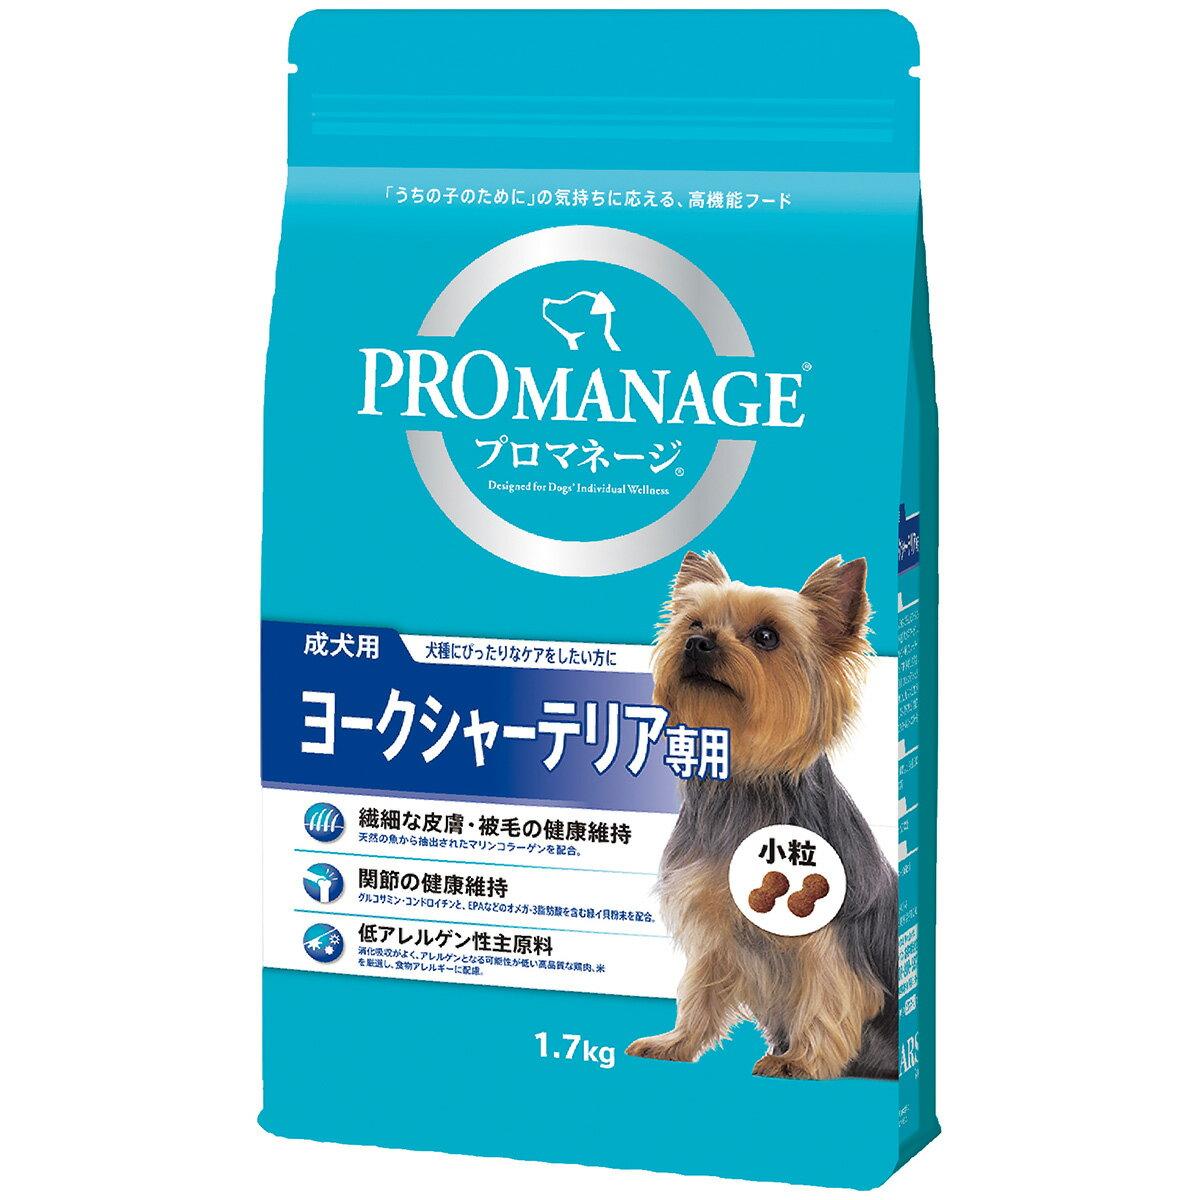 プロマネージ成犬ヨークシャテリア用1.7kg ..